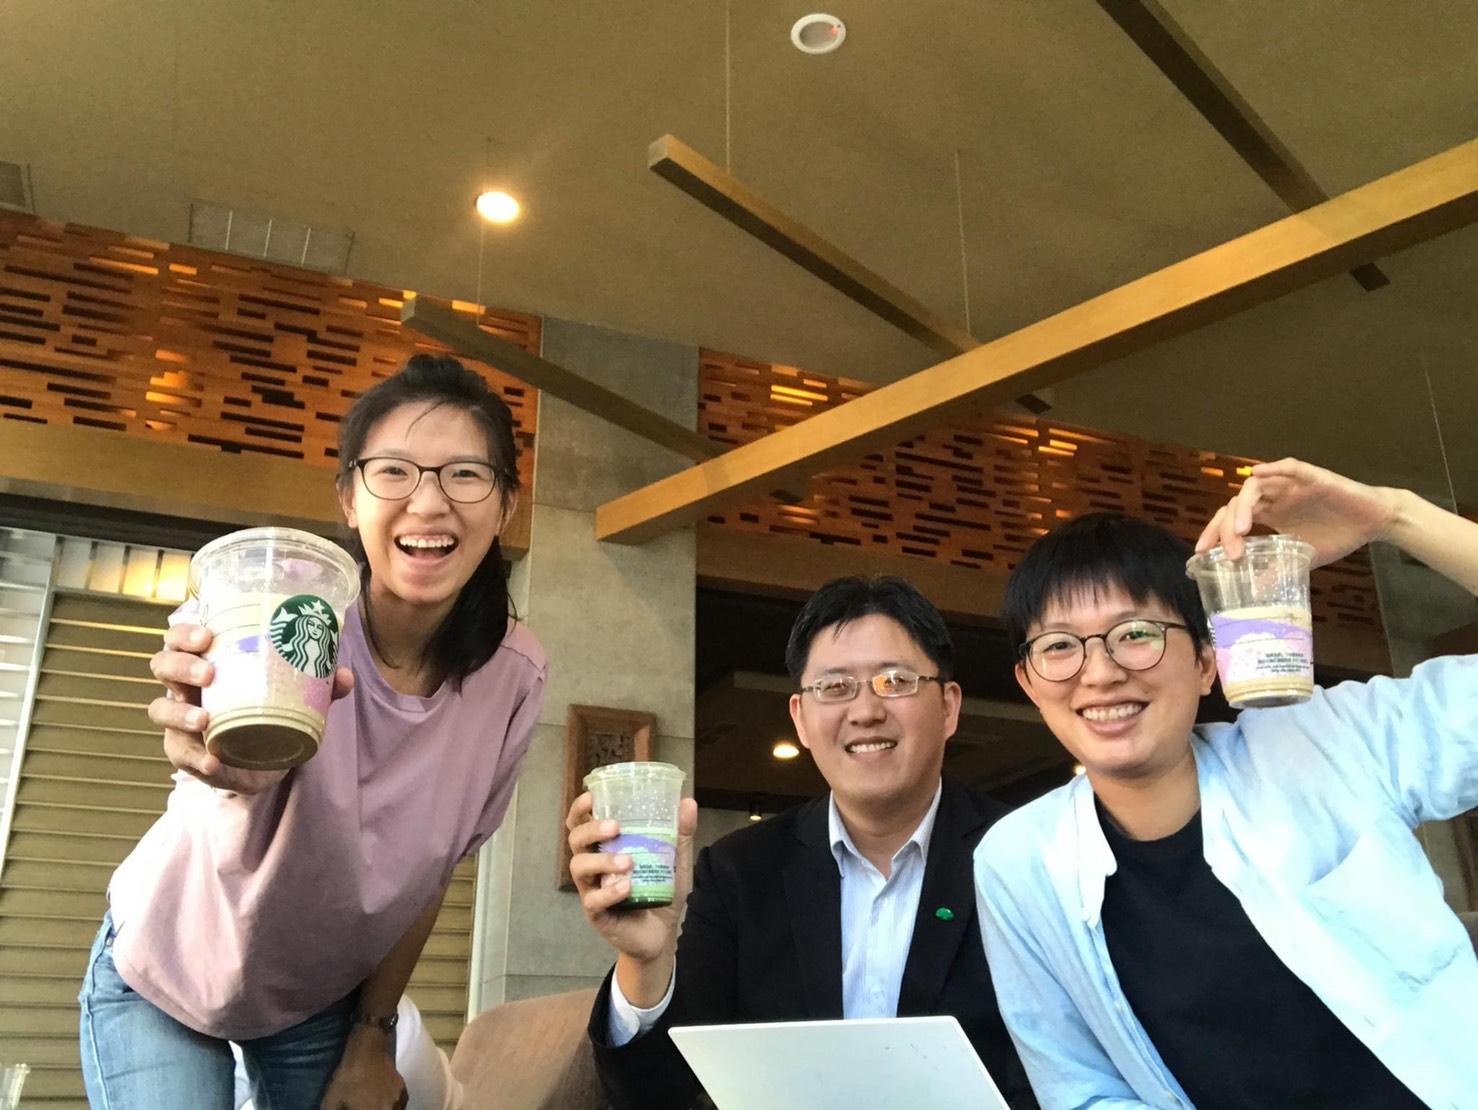 談完公事,壬壤跟客戶一起喝咖啡,輕鬆一下。